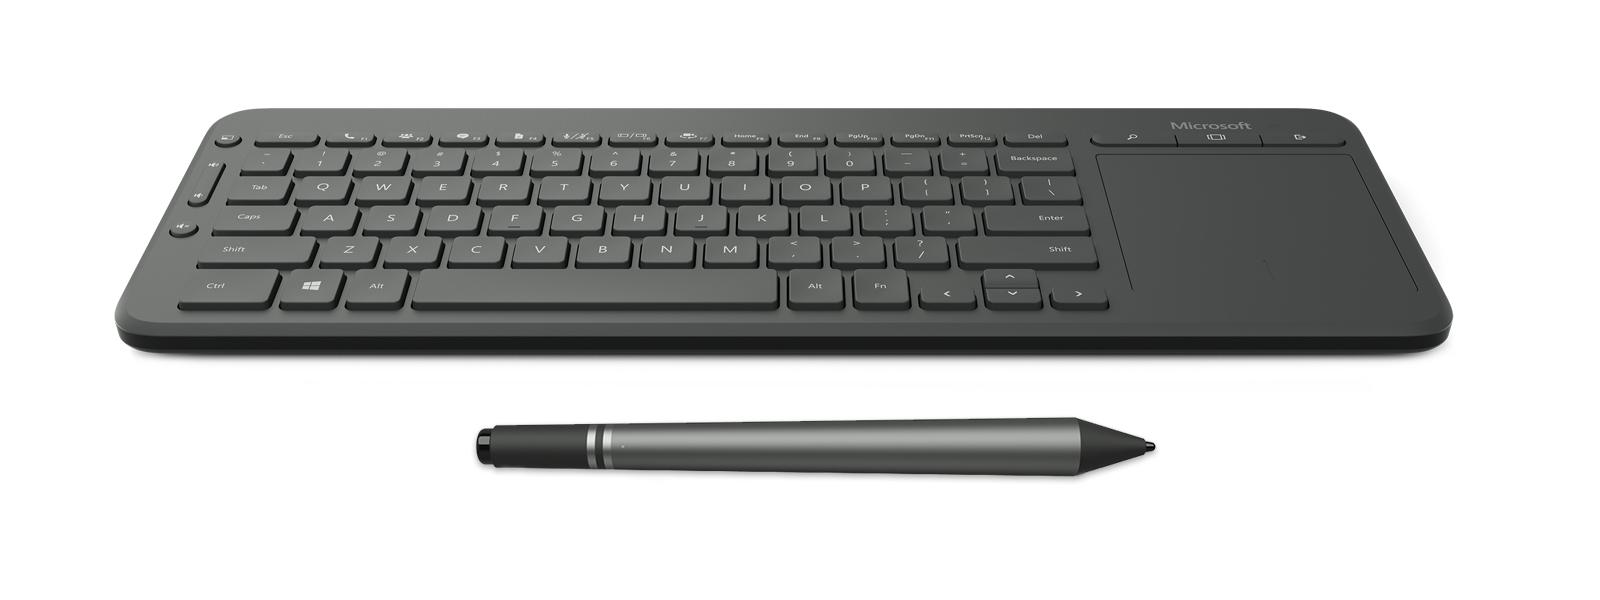 Keyboard und Pen aus dem Lieferumfang von Surface Hub.